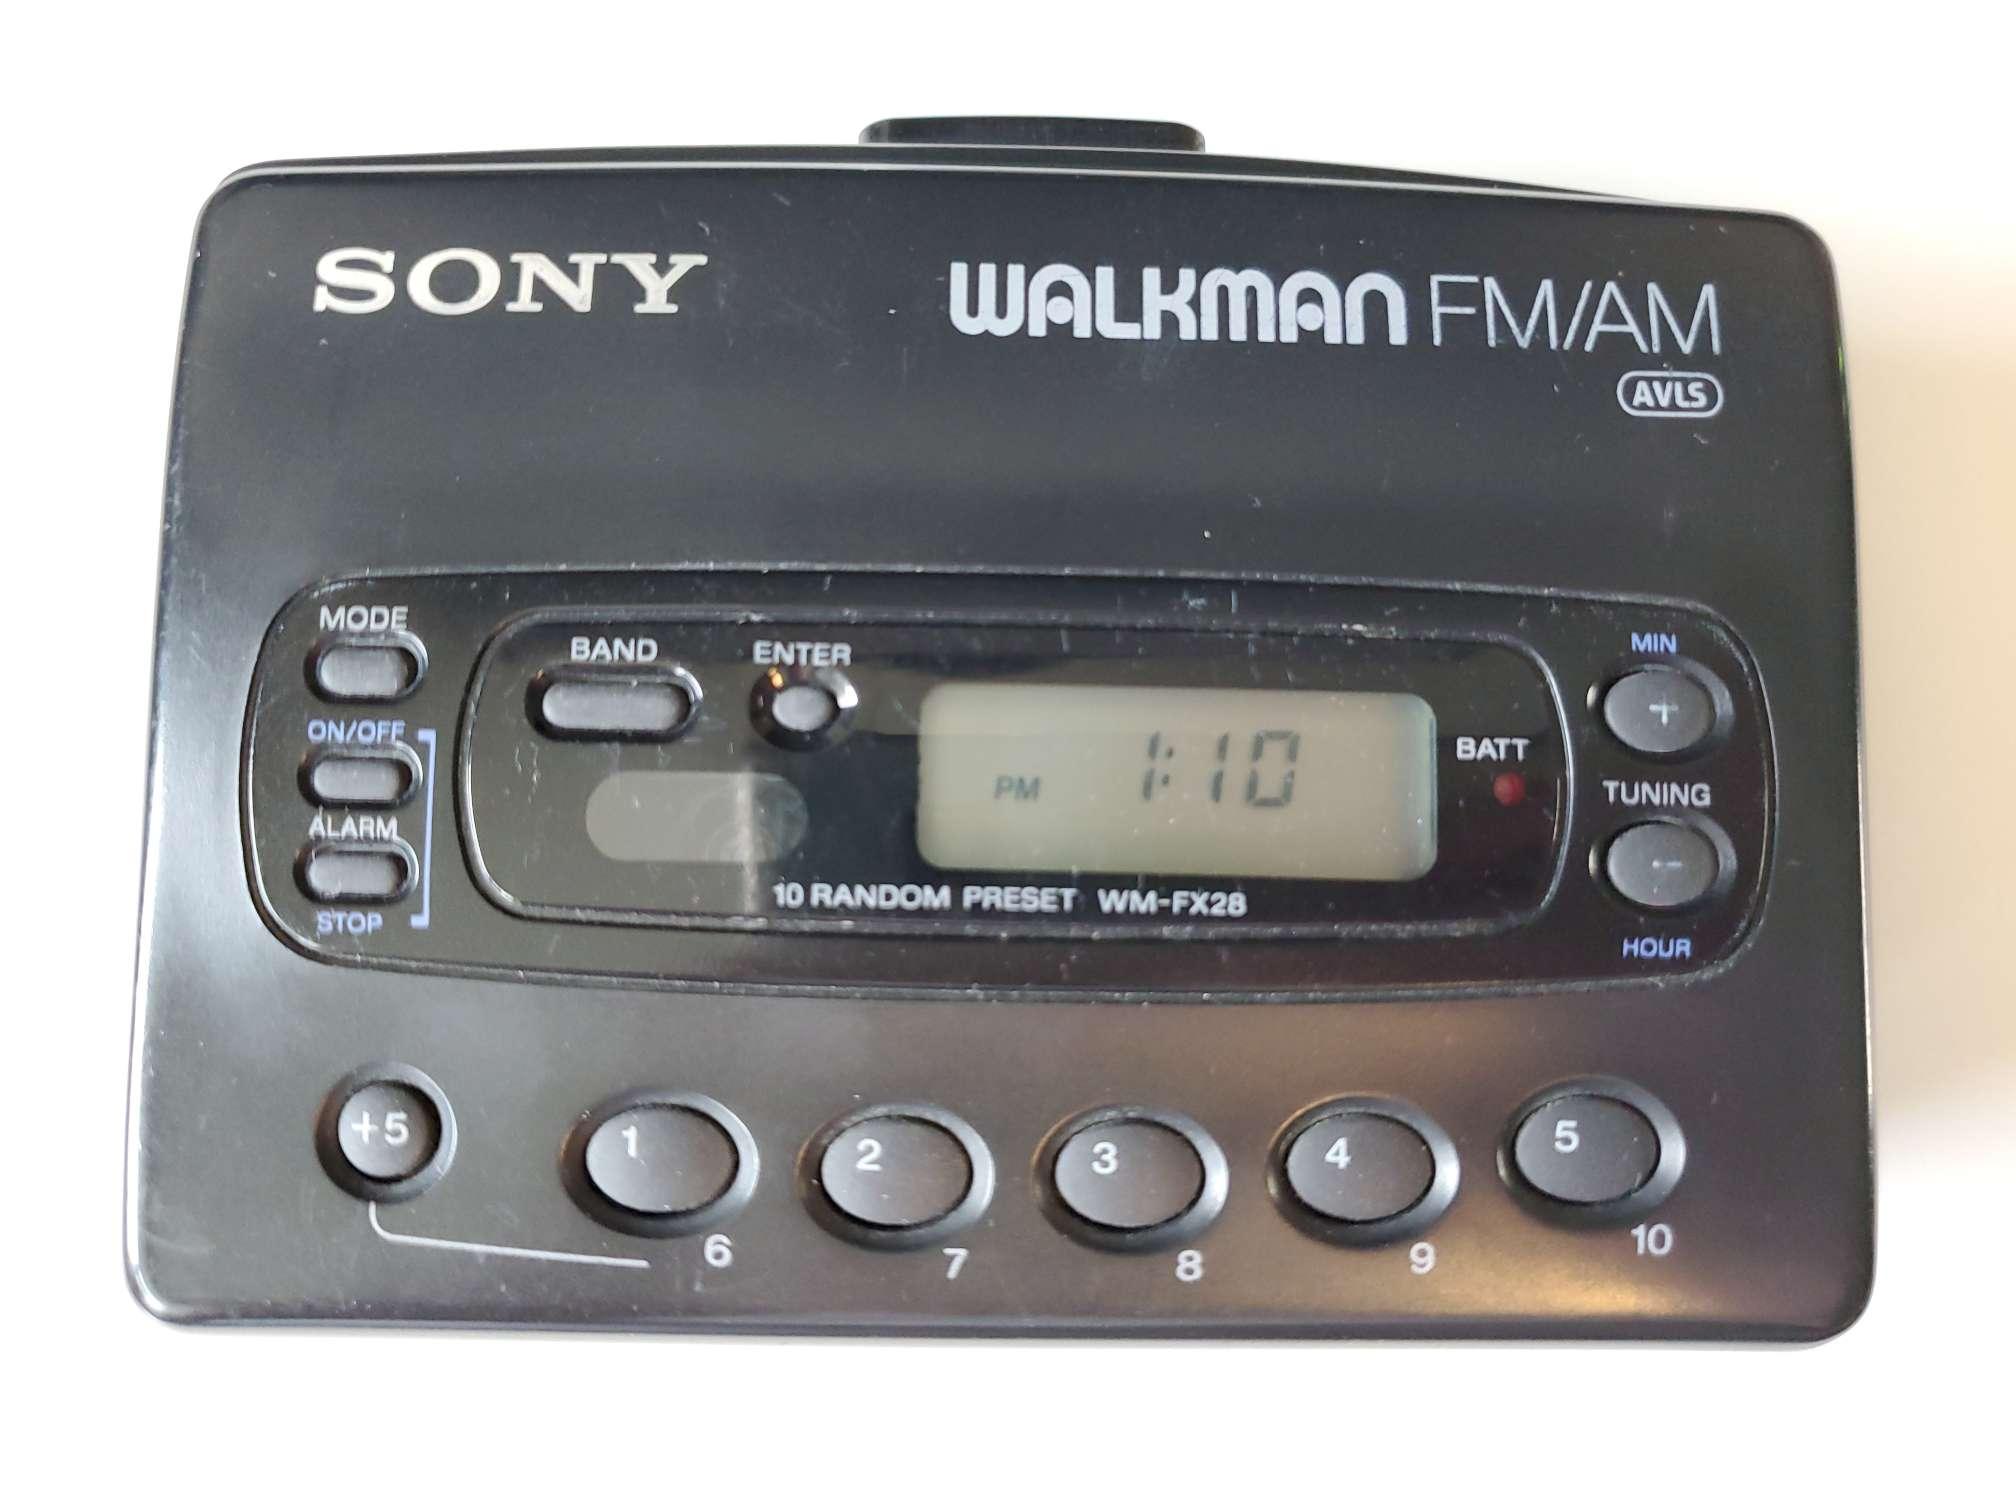 Sony Walkman WM-FX28 Reassembled